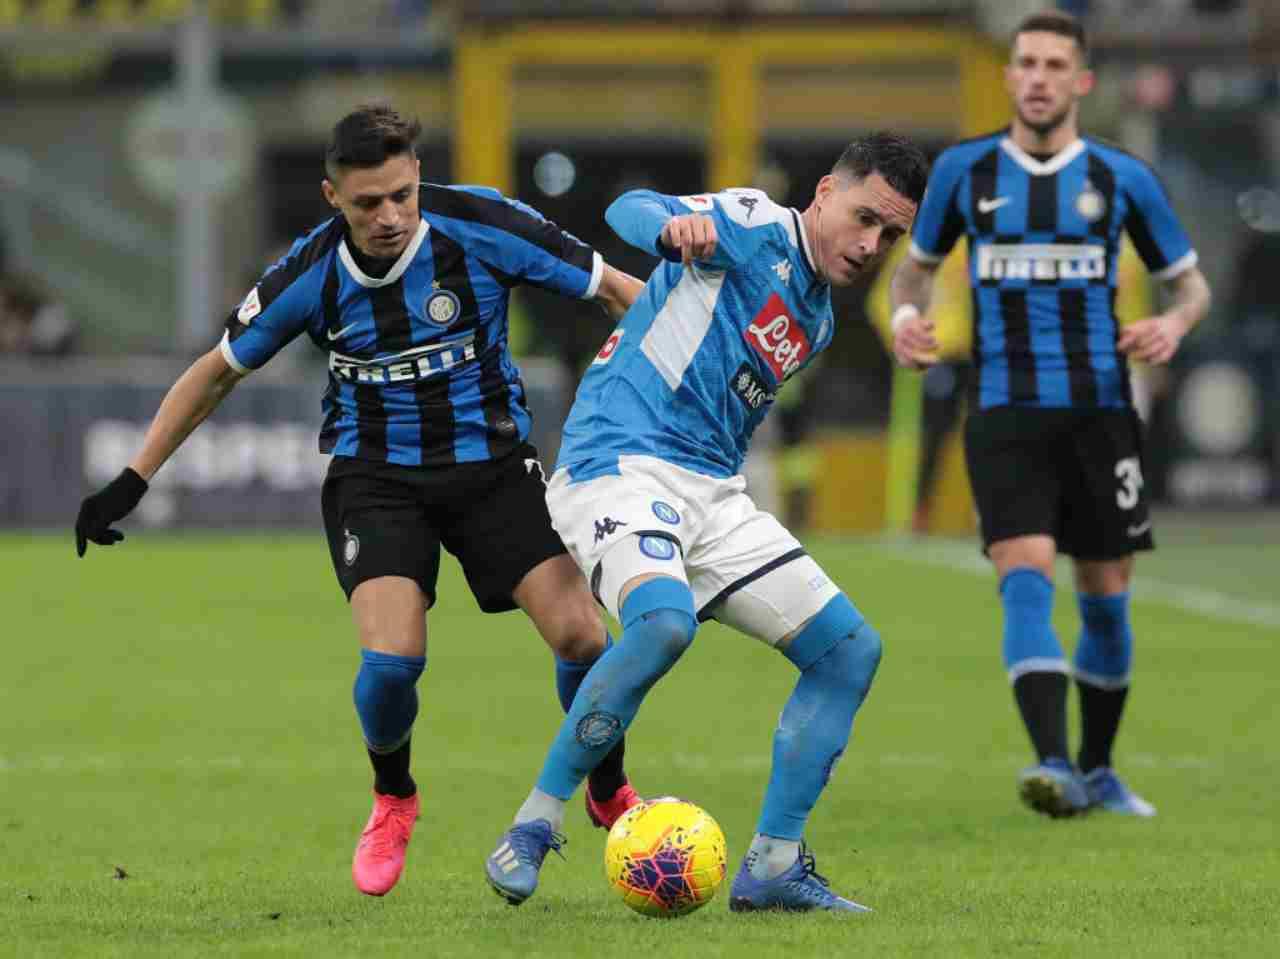 Coppa Italia, Napoli-Inter: chi si qualifica in finale, tutte le combinazioni